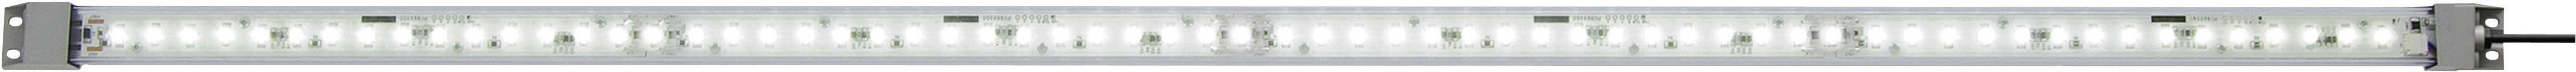 Idec LF1B-NF3P-2THWW2-3M, biela, 1200 lm, 17.3 W, 24 V/DC